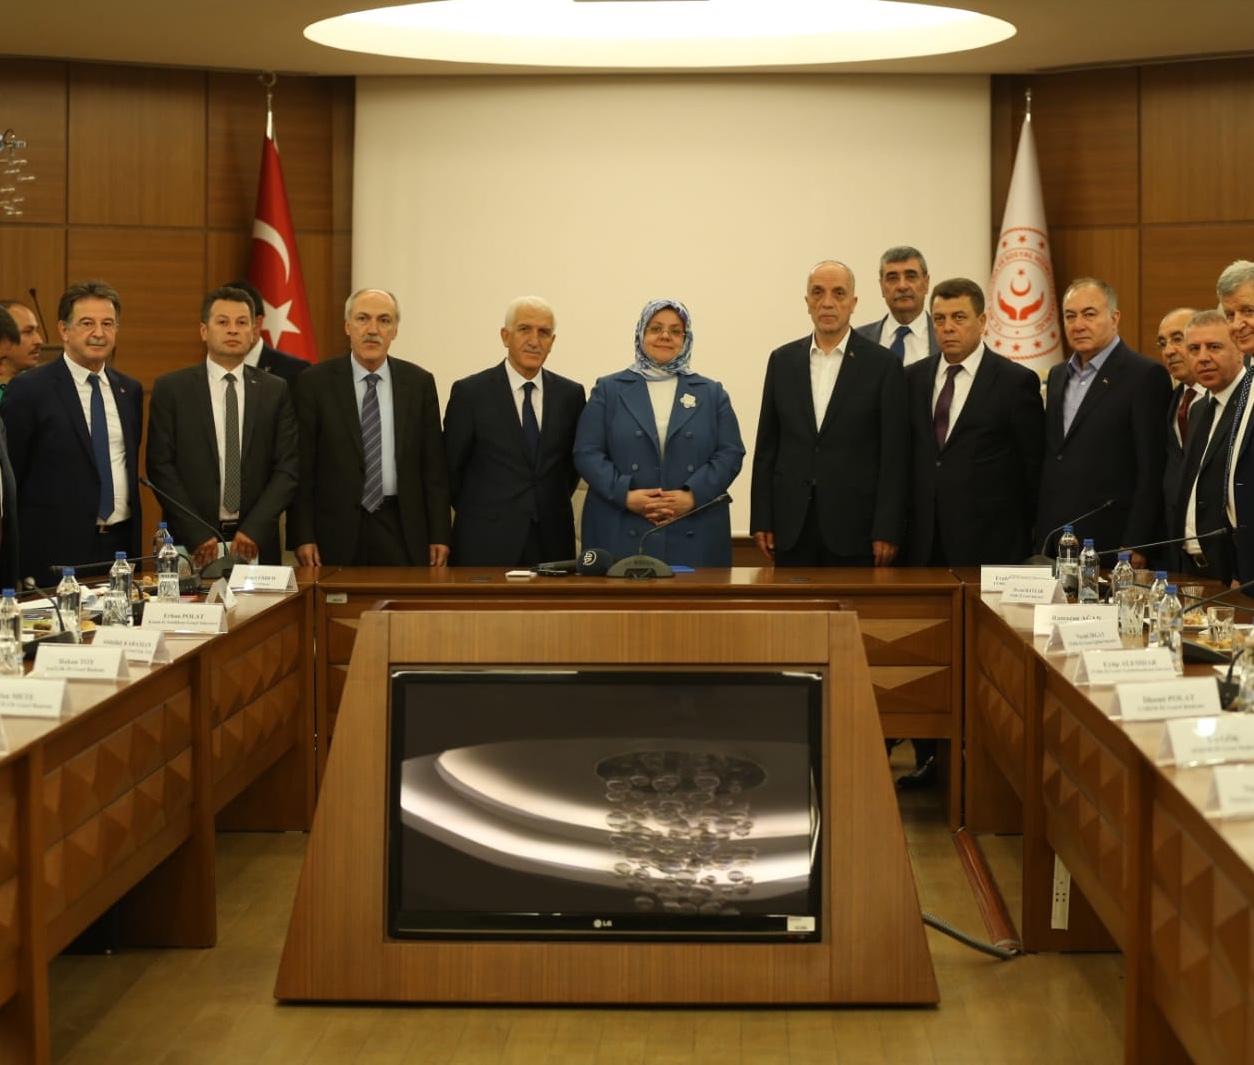 TÜRK-İŞ, 2019 Dönemi Kamu Kesimi Toplu İş Sözleşmesine Dair Kamu Koordinasyon Kurulu Önerilerini Çalışma Bakanı Sayın Selçuk'a Sundu